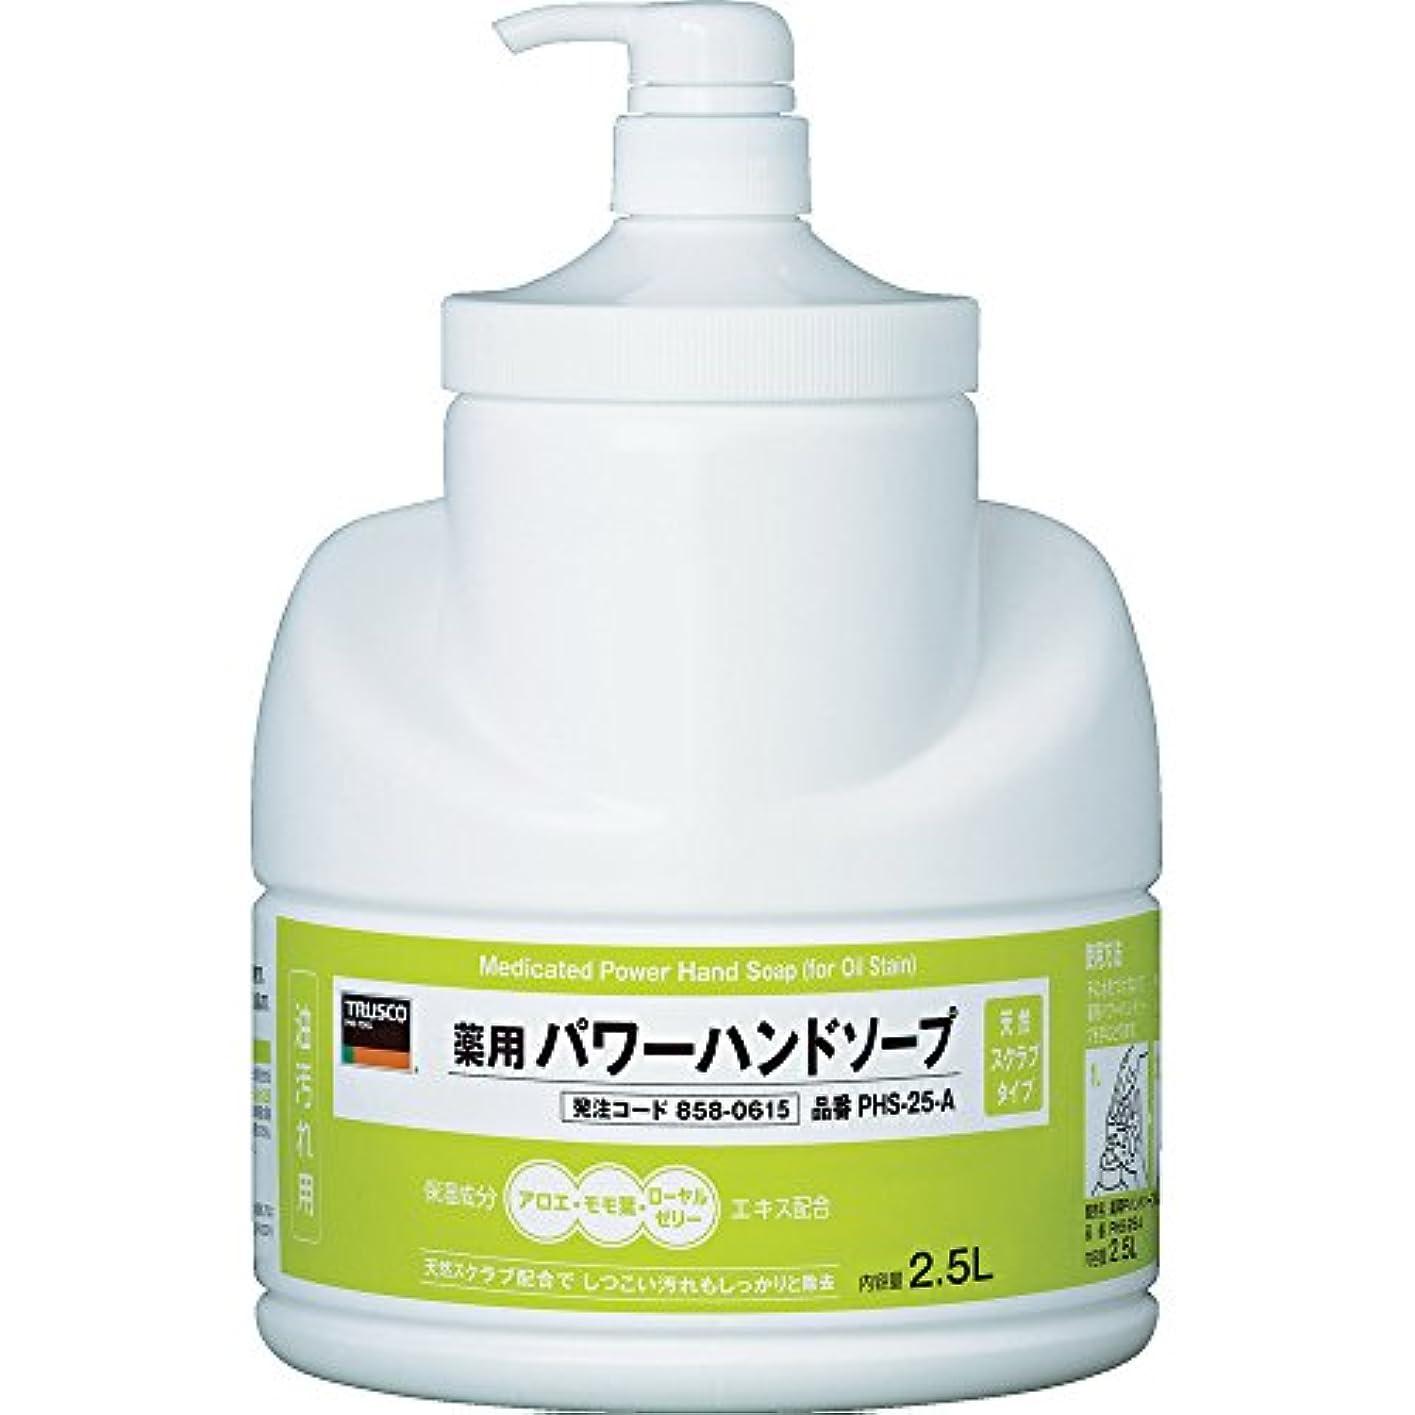 仮説車間に合わせTRUSCO(トラスコ) 薬用パワーハンドソープポンプボトル 2.5L PHS-25-A